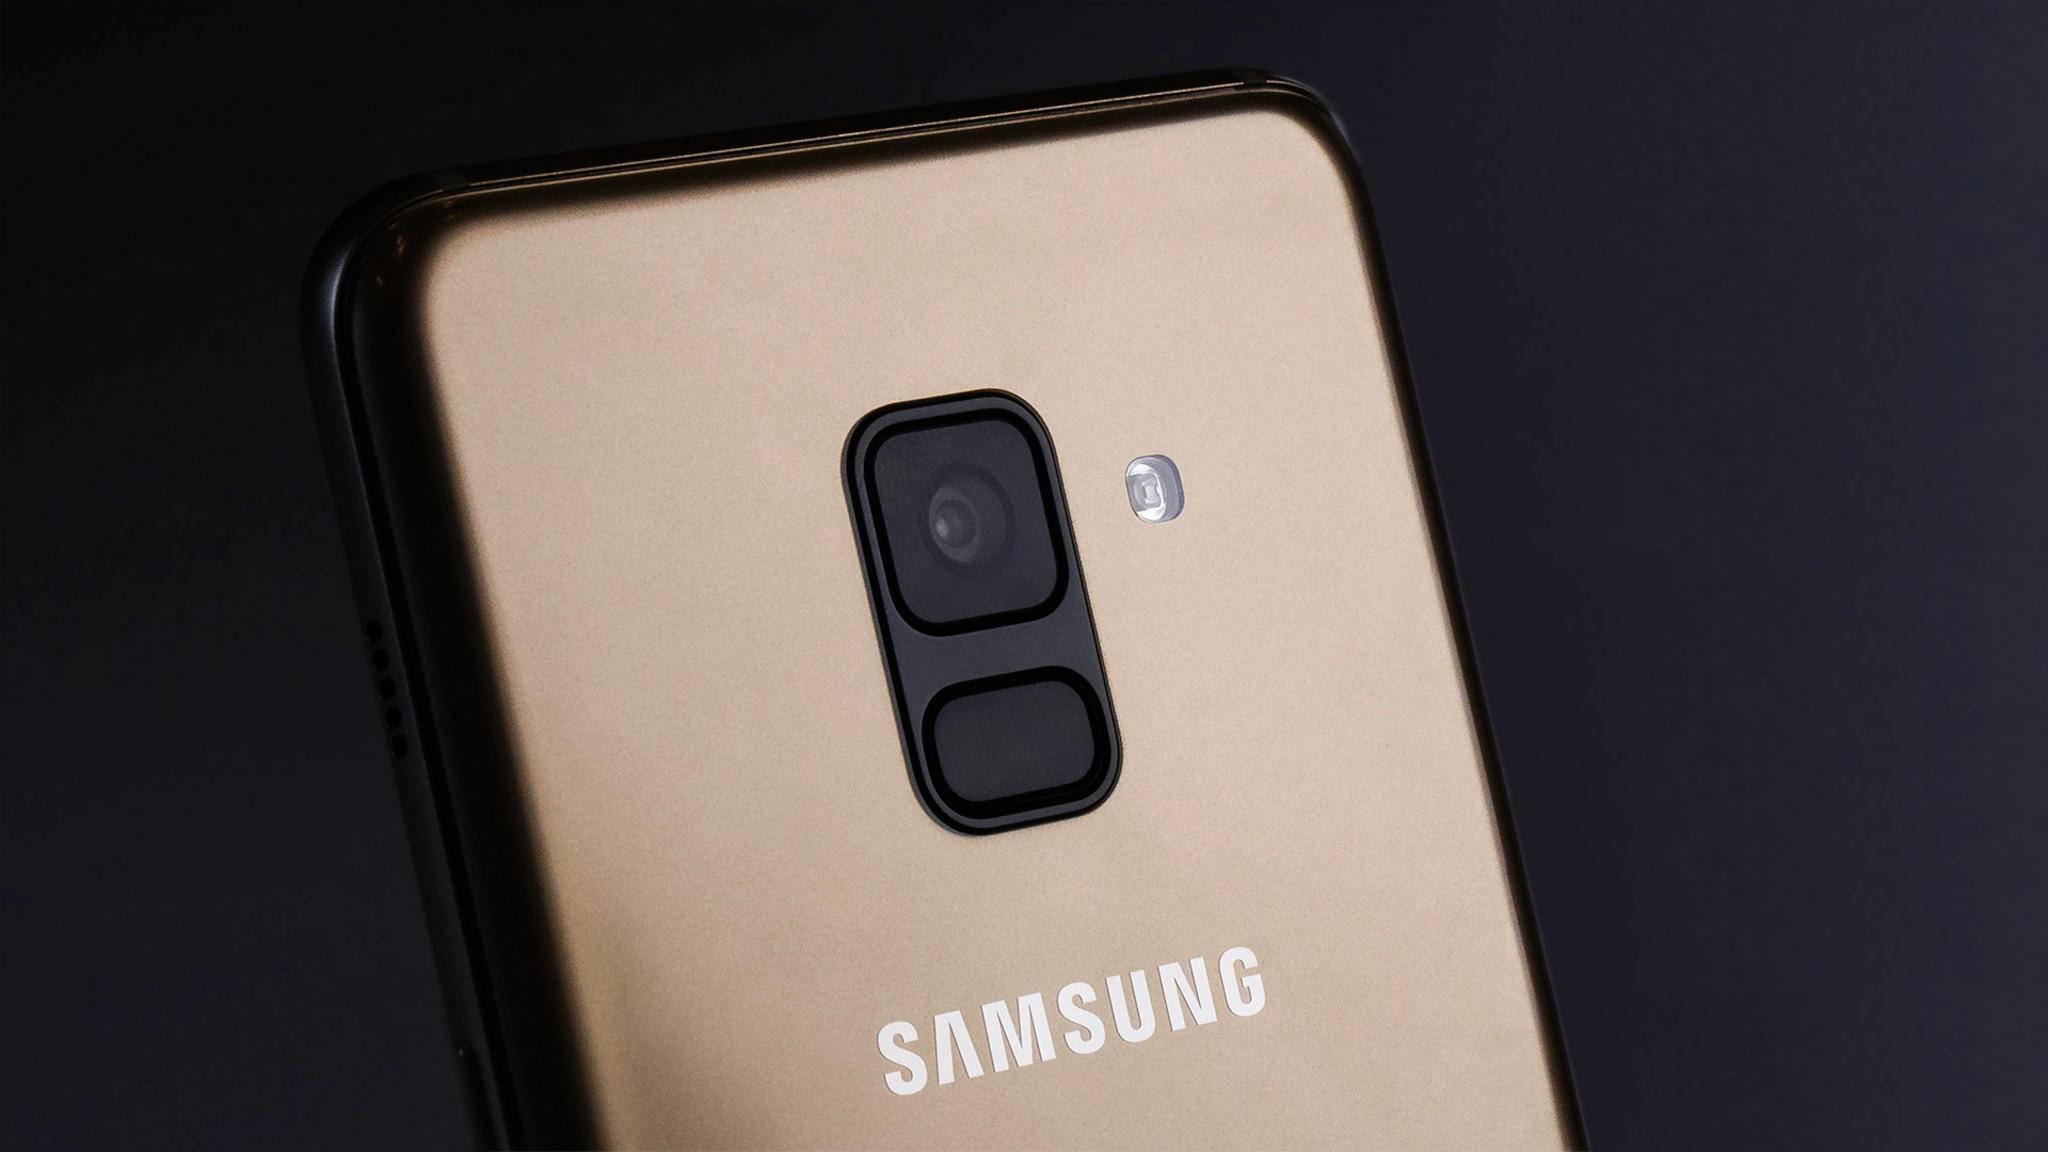 Die Hauptkamera ist vom Galaxy A6 Plus (2018) bekannt.